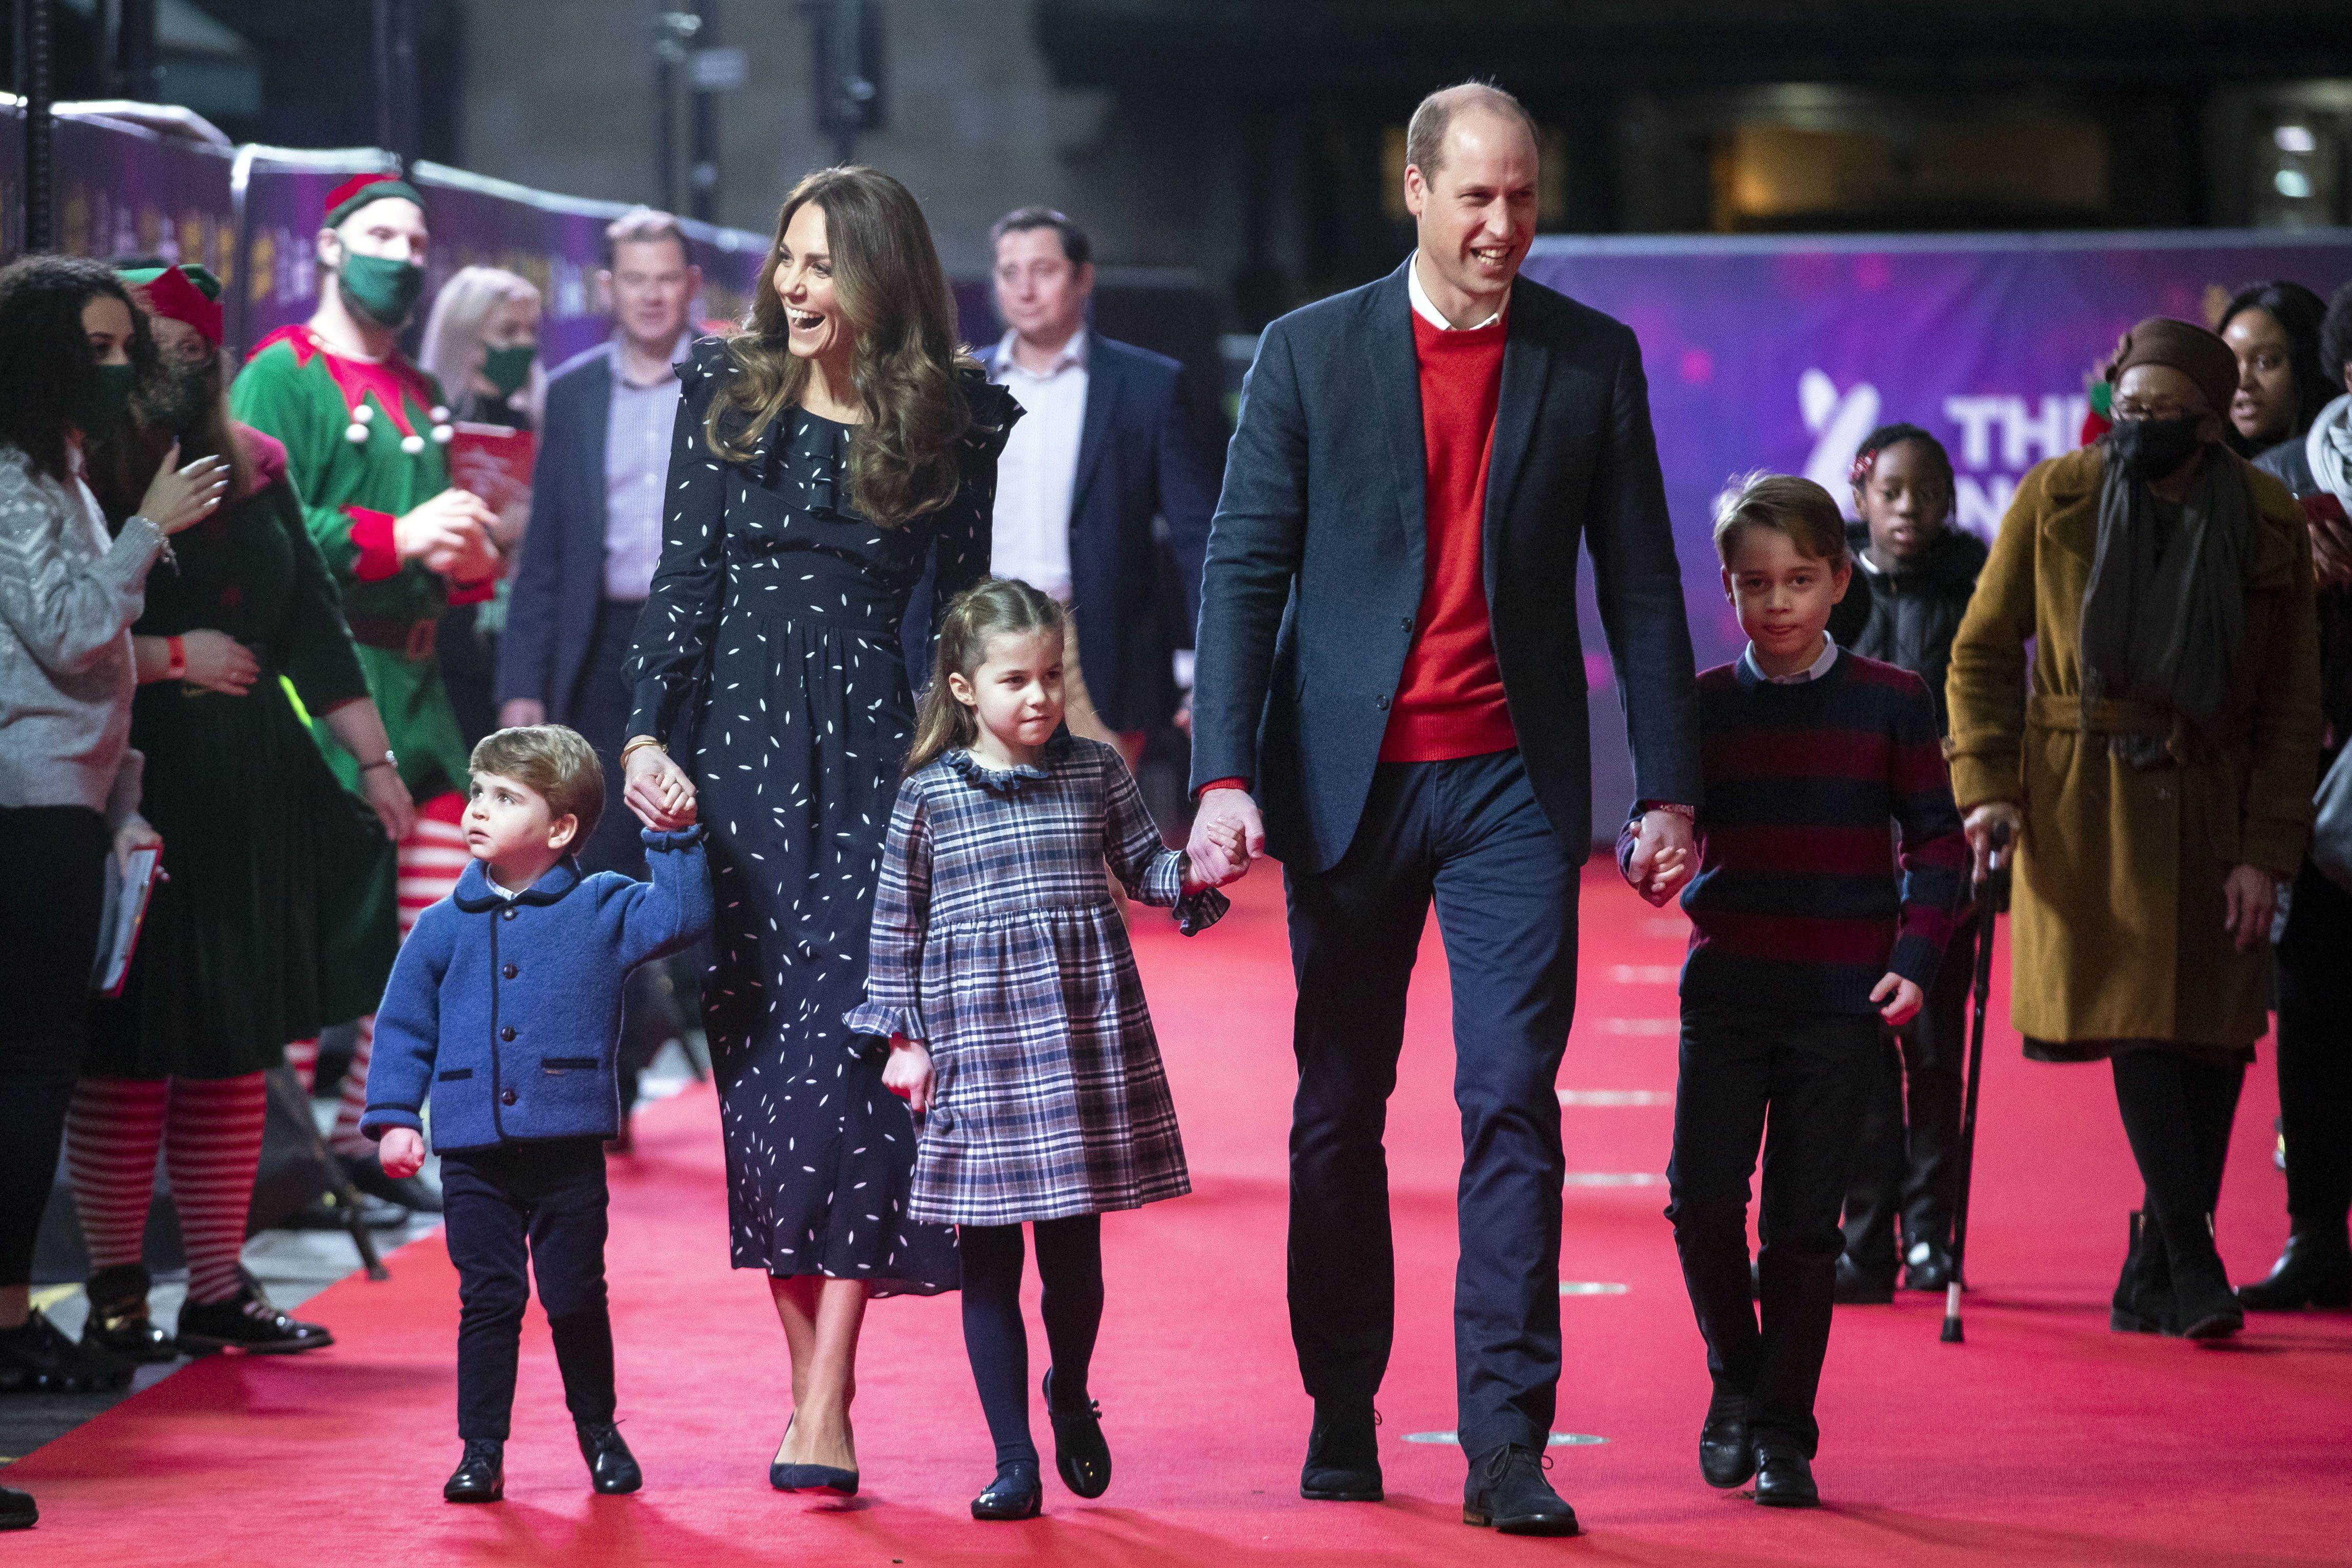 Герцоги Кембриджские и герцоги Сассекские: эксперт проанализировала, какая из пар романтичнее